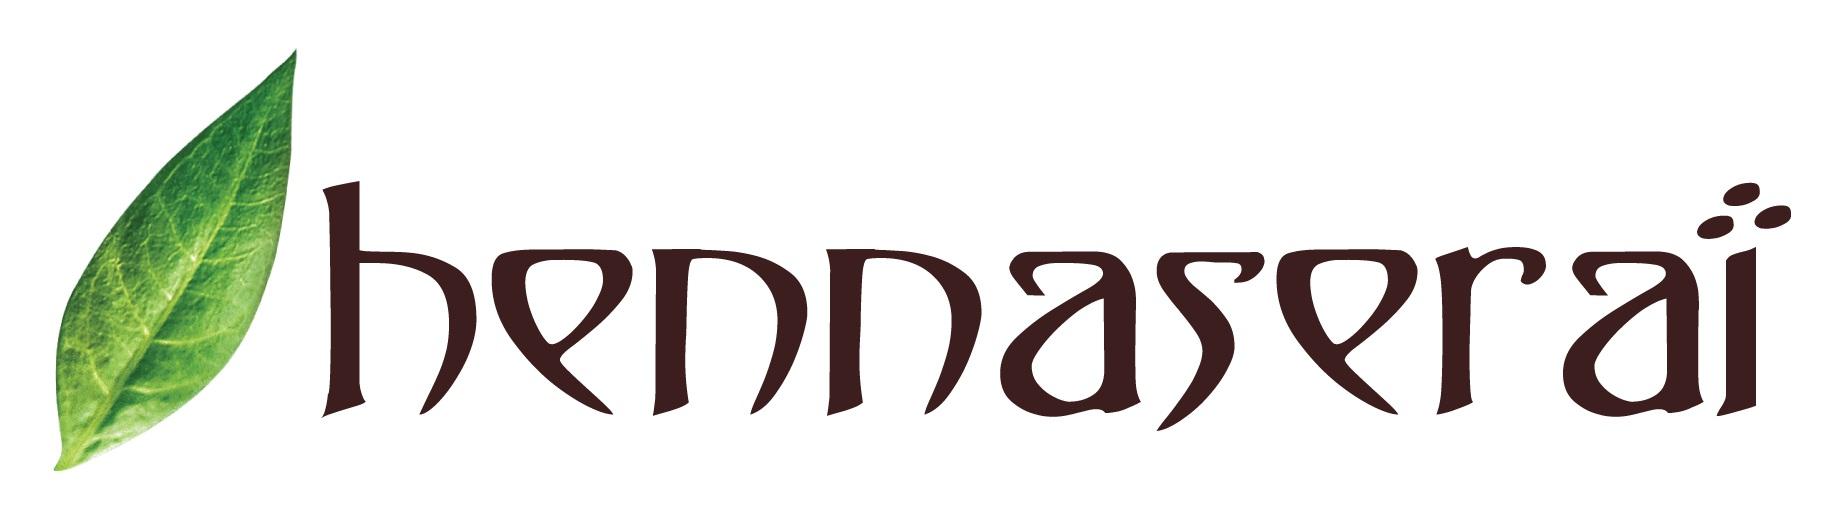 Hennaserai